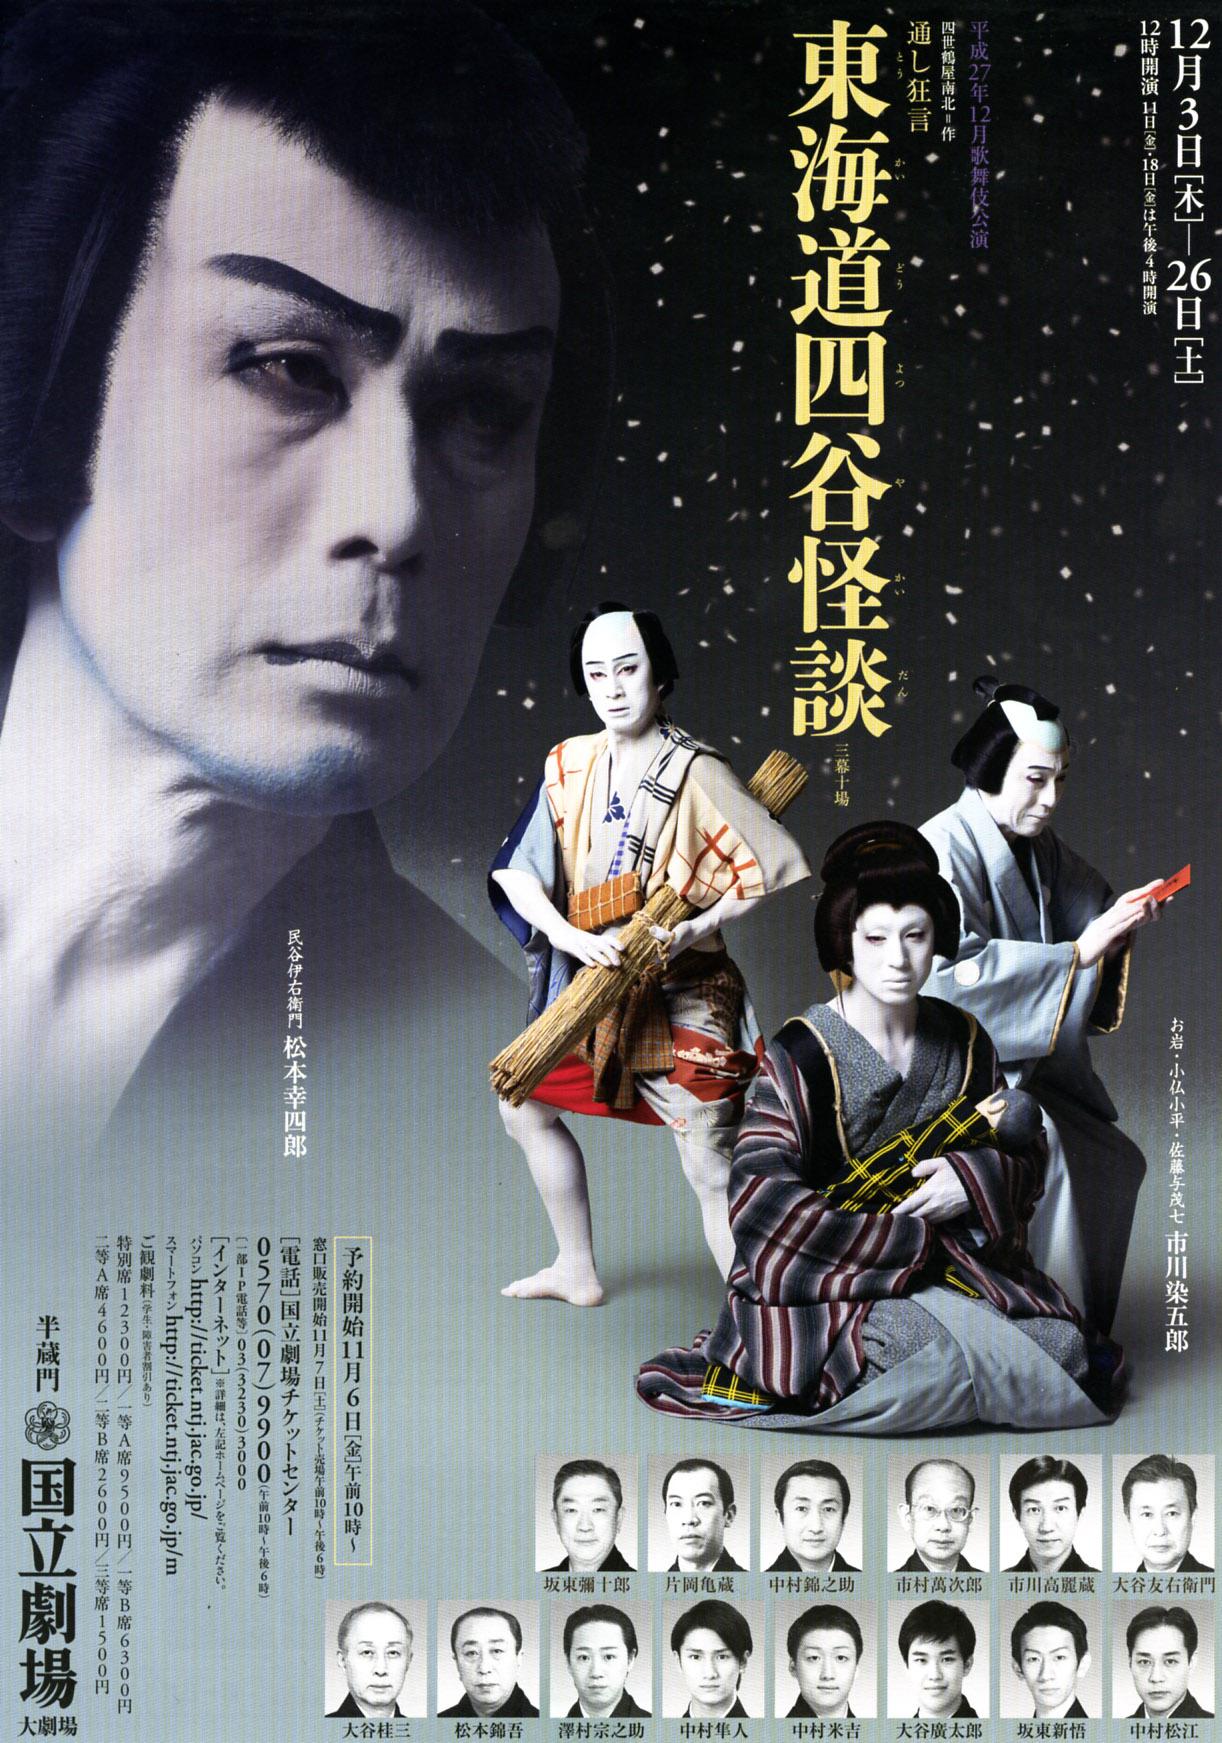 松本幸四郎&市川染五郎『東海道四谷怪談』チケット一般発売は11月6日です!